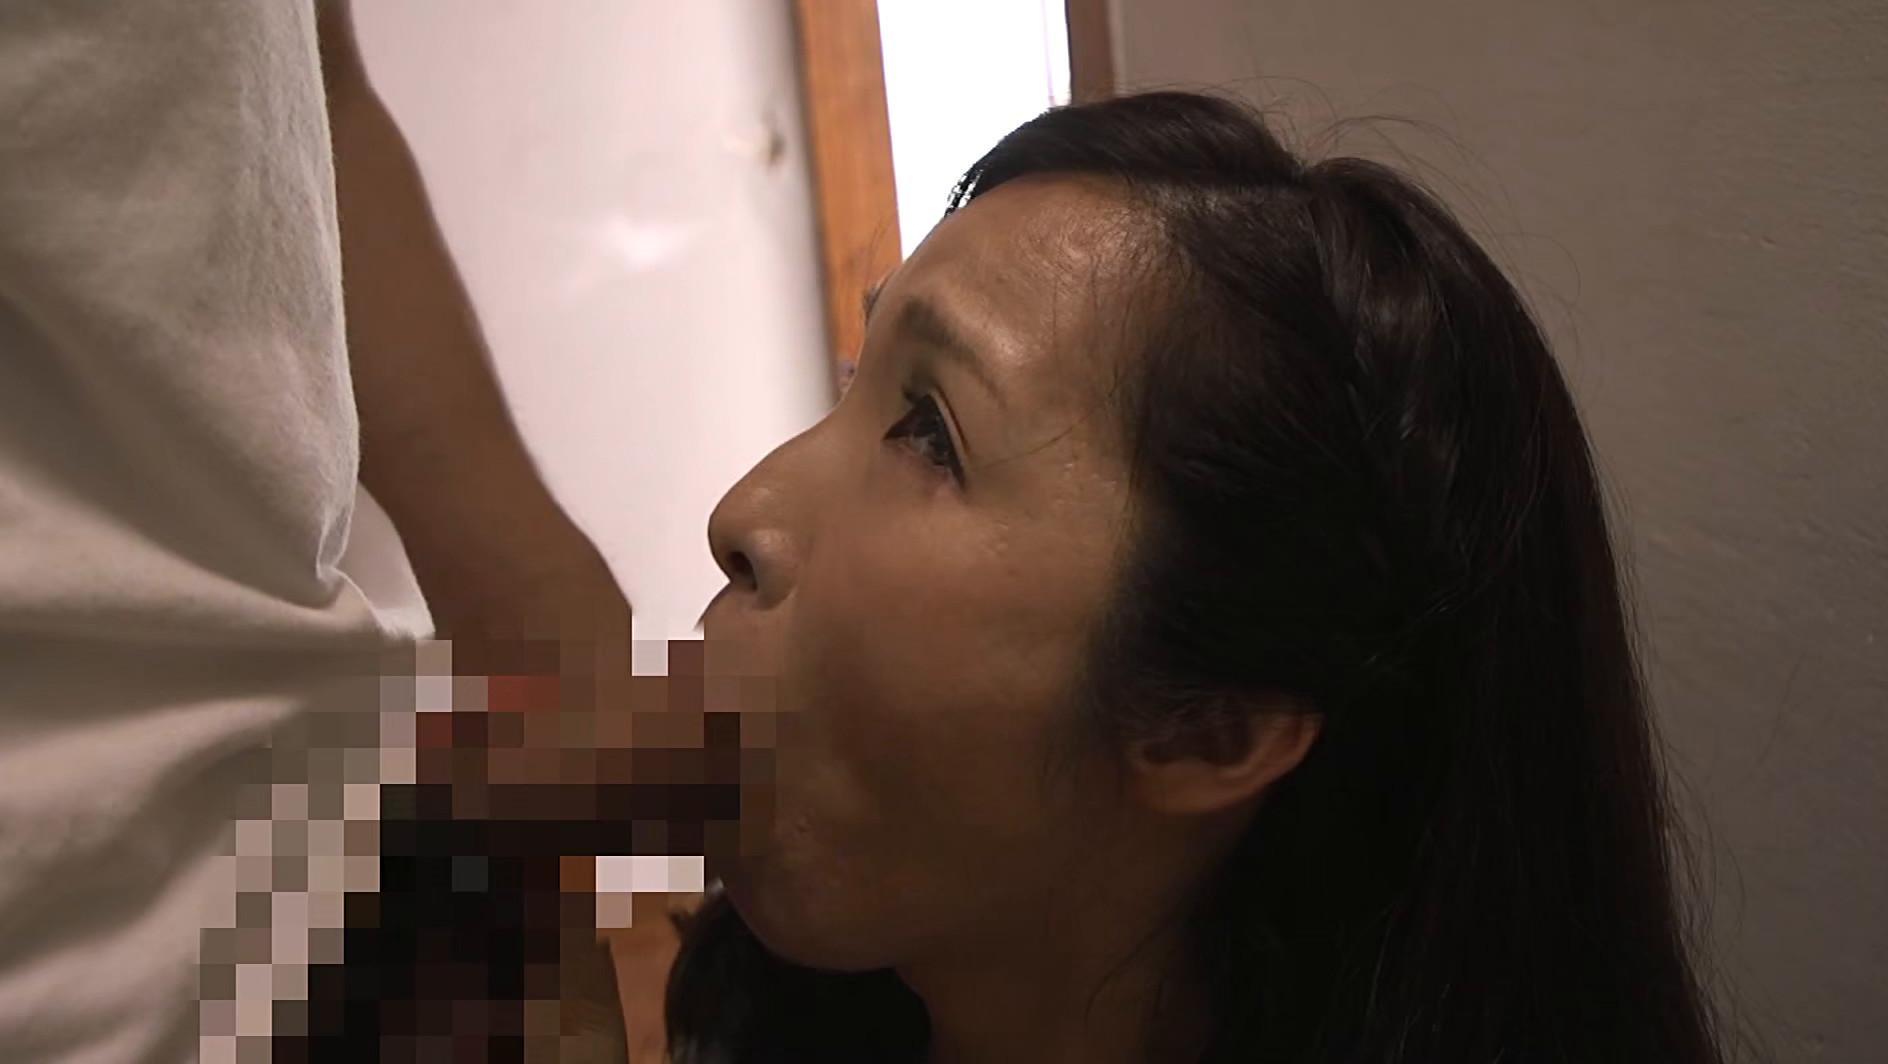 真・異常性交 四十路母と子 其ノ拾参 若い肉棒の誘惑に負け、息子とまぐわう発情母 黒木まり 43歳,のサンプル画像21